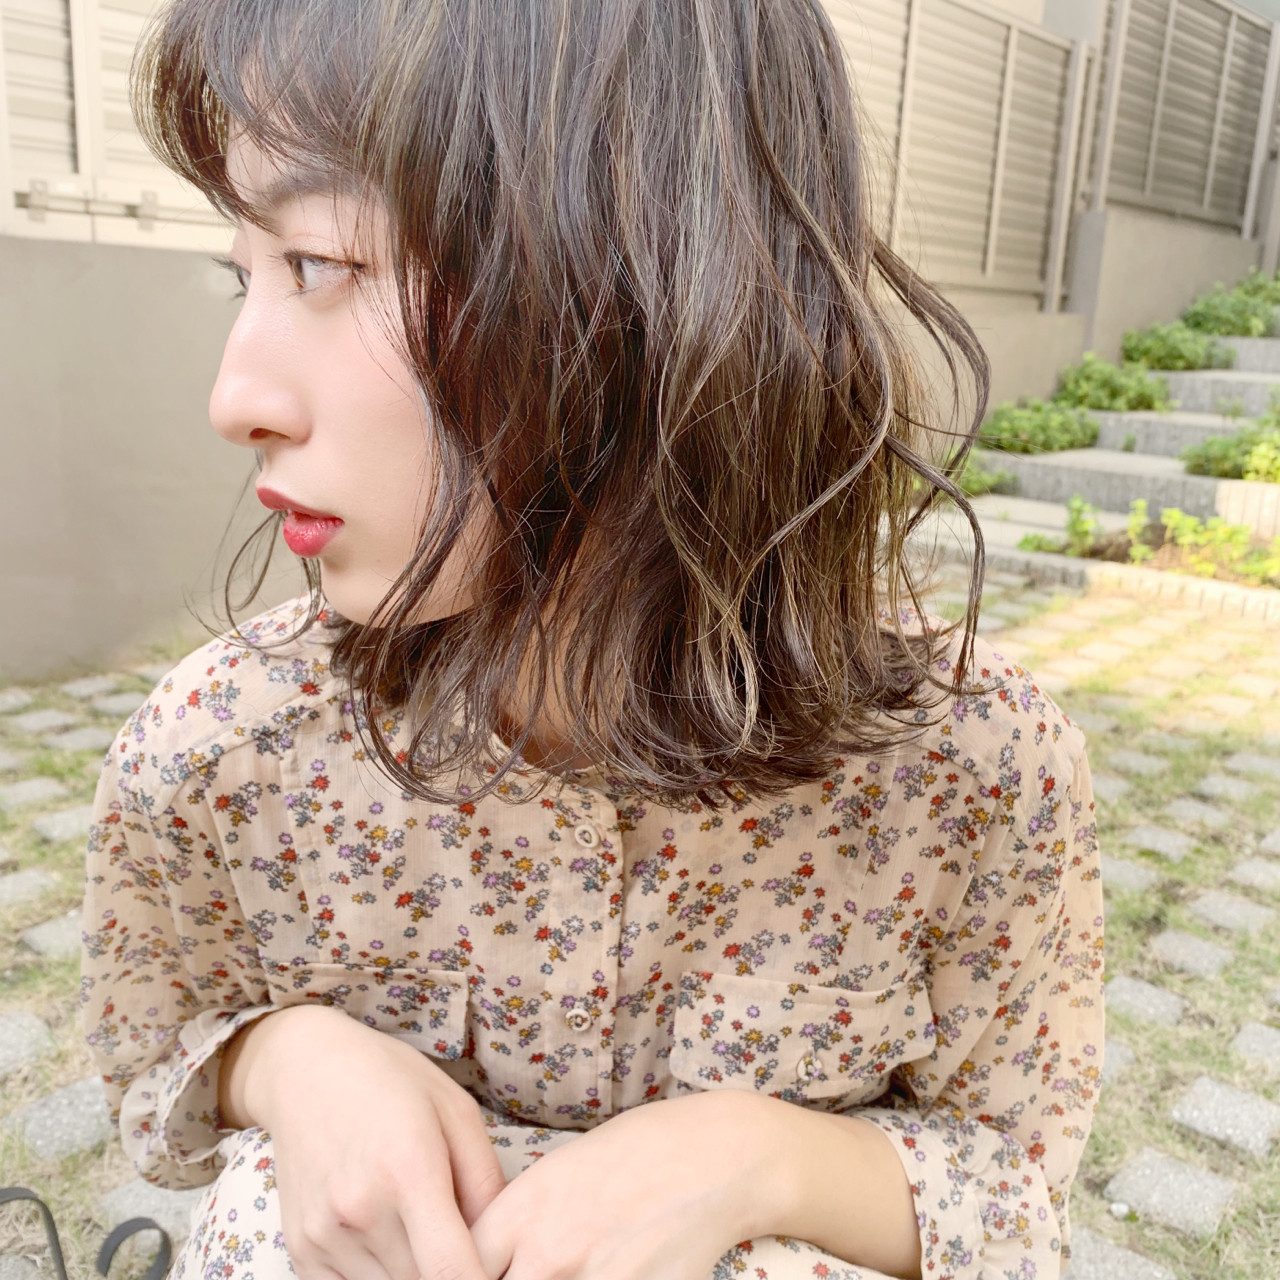 透明感 ハイライト ウェーブ 秋 ヘアスタイルや髪型の写真・画像